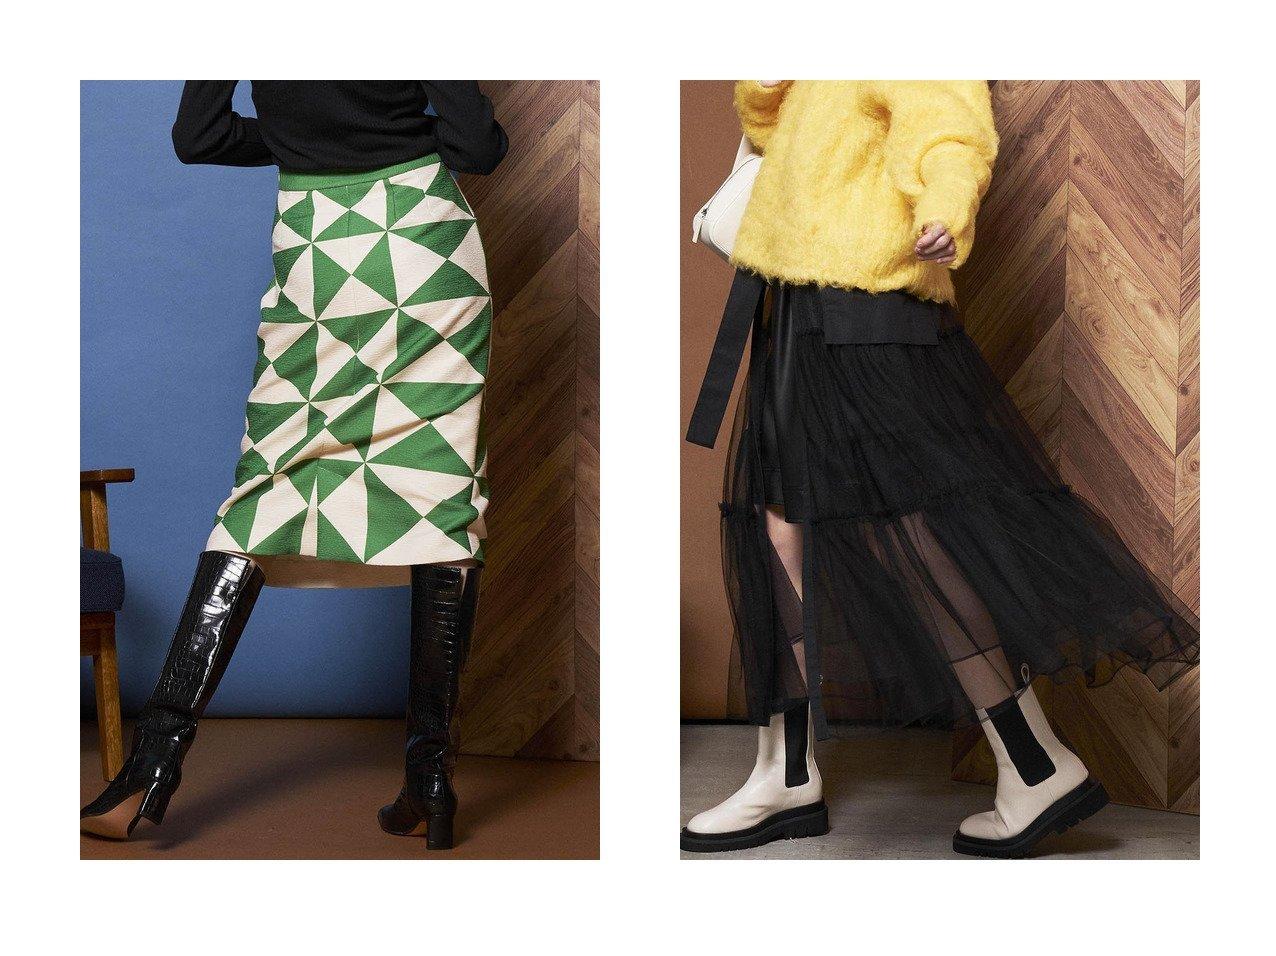 【MAISON SPECIAL/メゾンスペシャル】のトライアングル柄ジャガードスカート&チュールティアードベルトスカート 【スカート】おすすめ!人気、トレンド・レディースファッションの通販   おすすめで人気の流行・トレンド、ファッションの通販商品 インテリア・家具・メンズファッション・キッズファッション・レディースファッション・服の通販 founy(ファニー) https://founy.com/ ファッション Fashion レディースファッション WOMEN スカート Skirt ベルト Belts シンプル スリット センター トライアングル フィット プリント ミドル アクセサリー オーガンジー シアー チュール フレア ポケット マキシ |ID:crp329100000066093